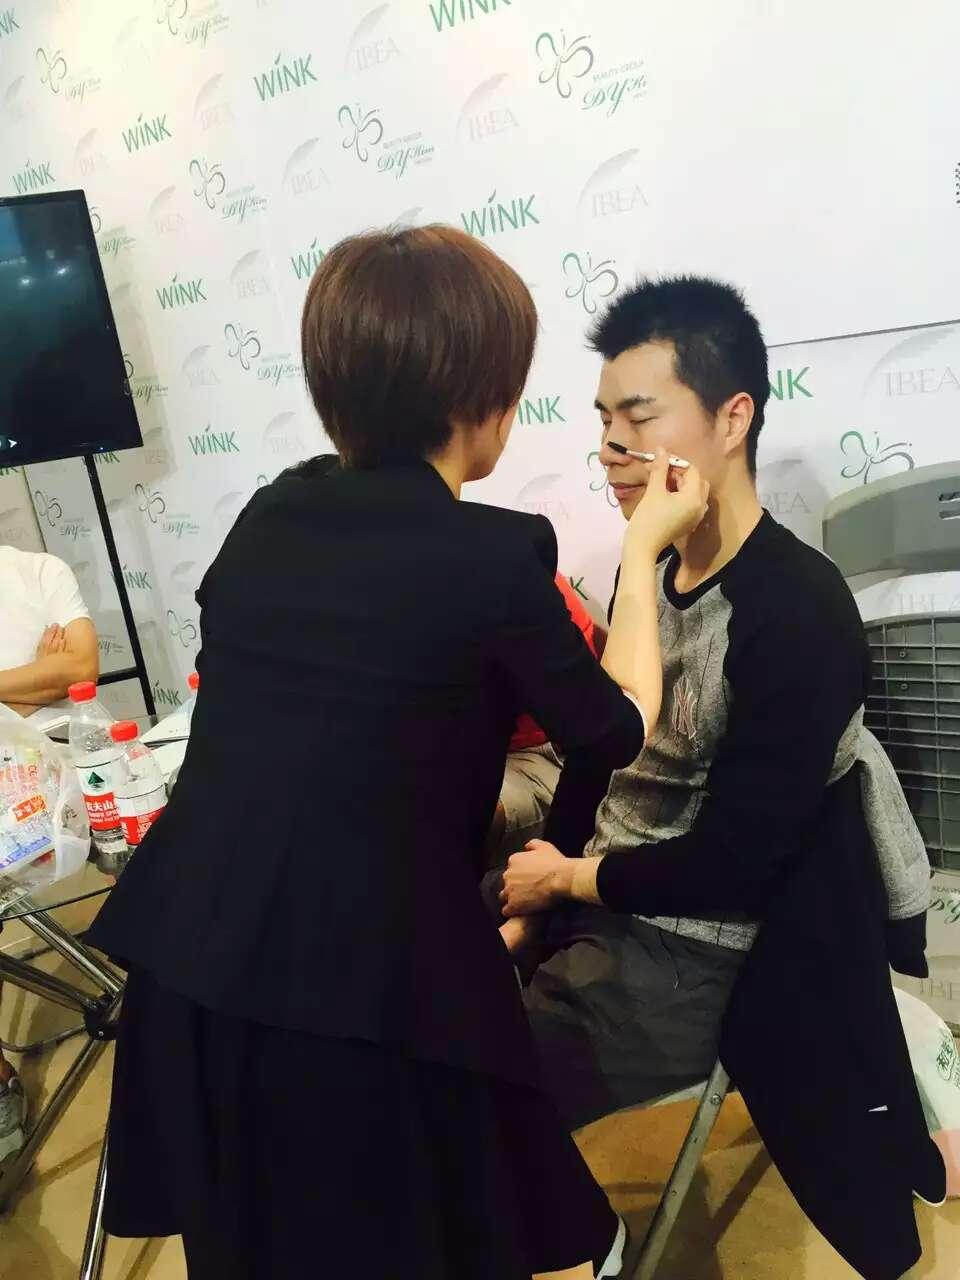 DY KIM韩式半永久 上海美博会完美谢幕 半永久公开课 第10张